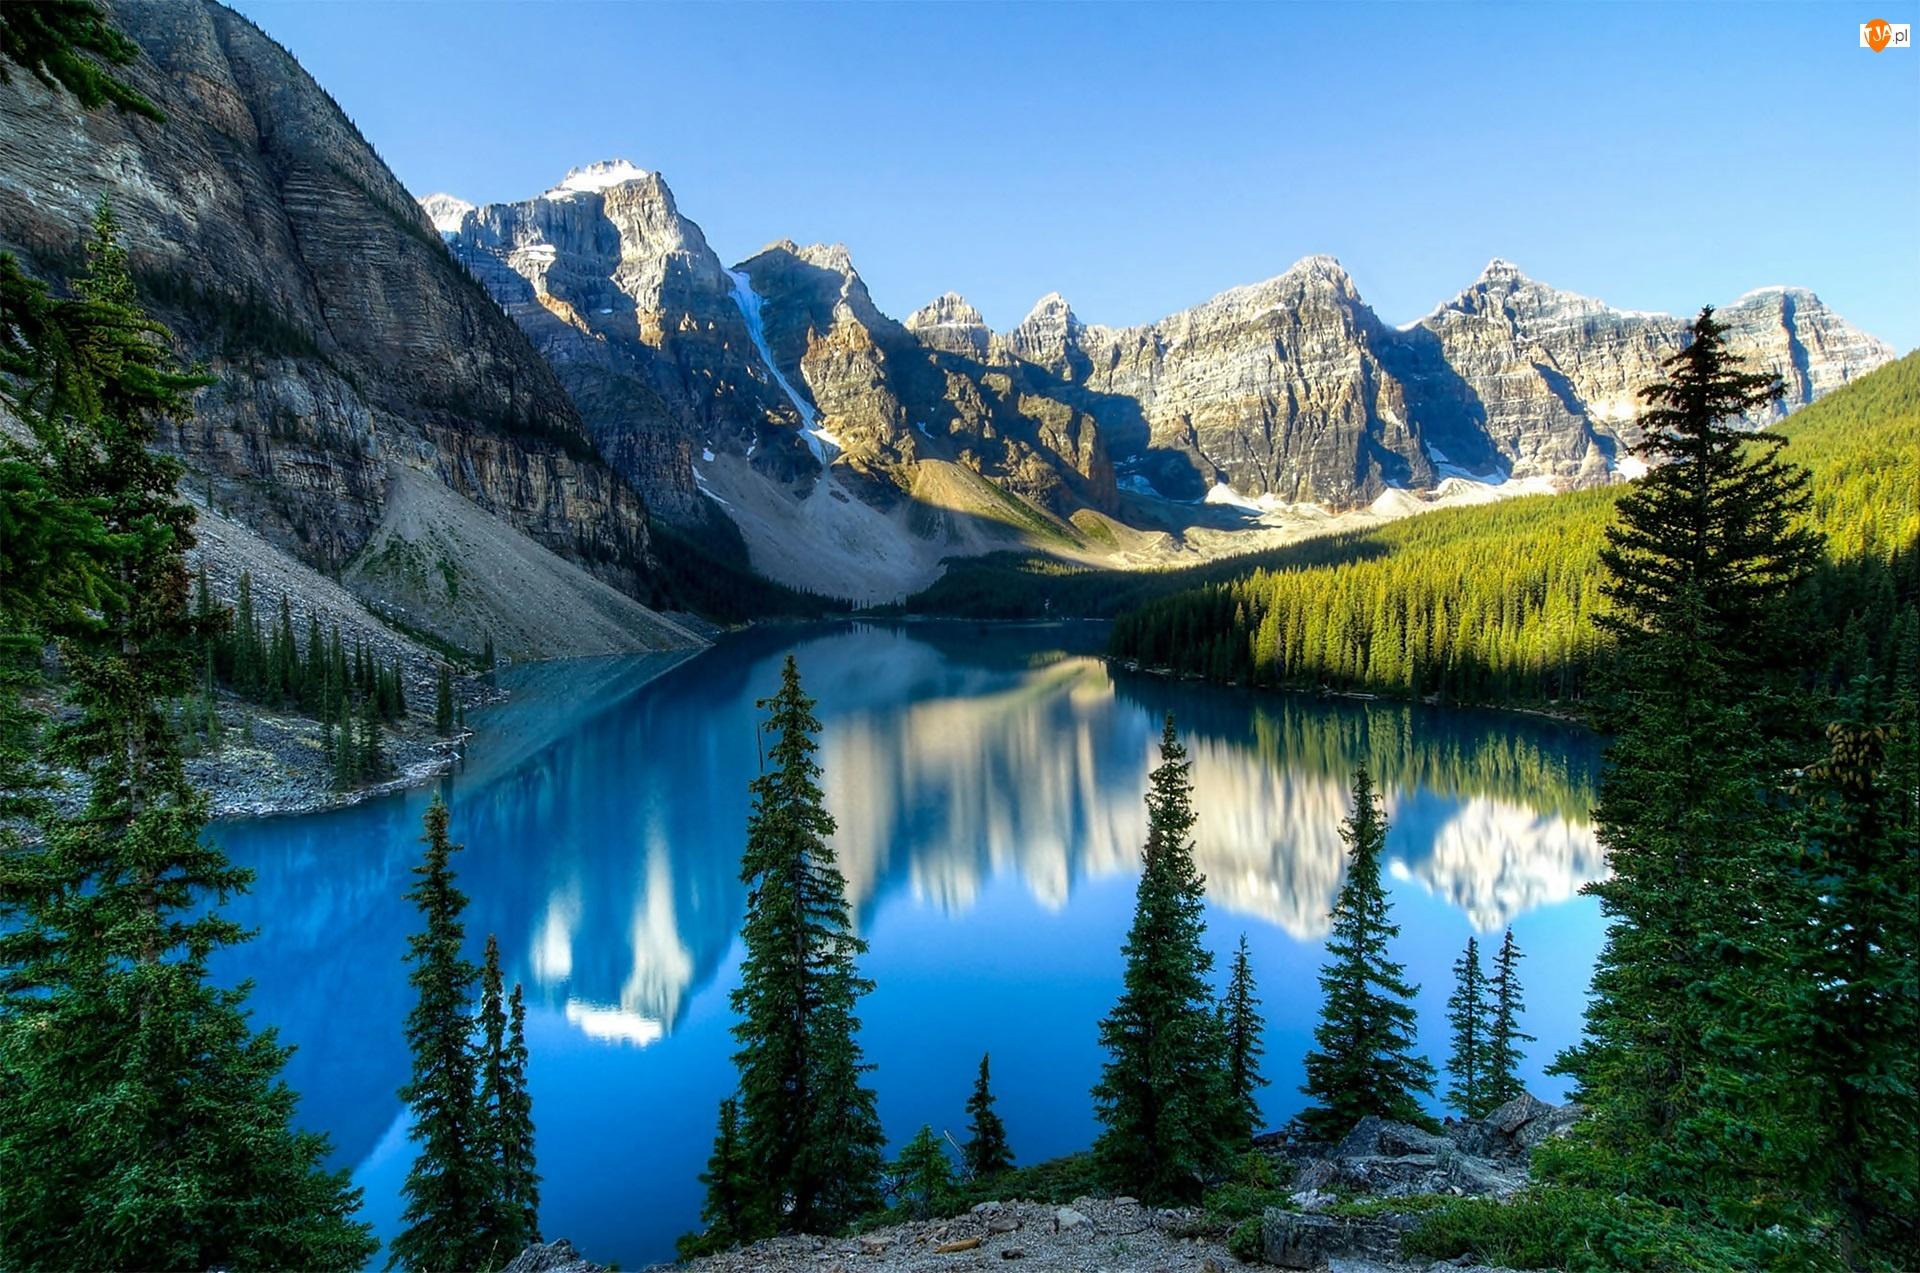 Świerki, Lasy, Park Narodowy Banff, Kanada, Odbicie, Góry, Jezioro Moraine